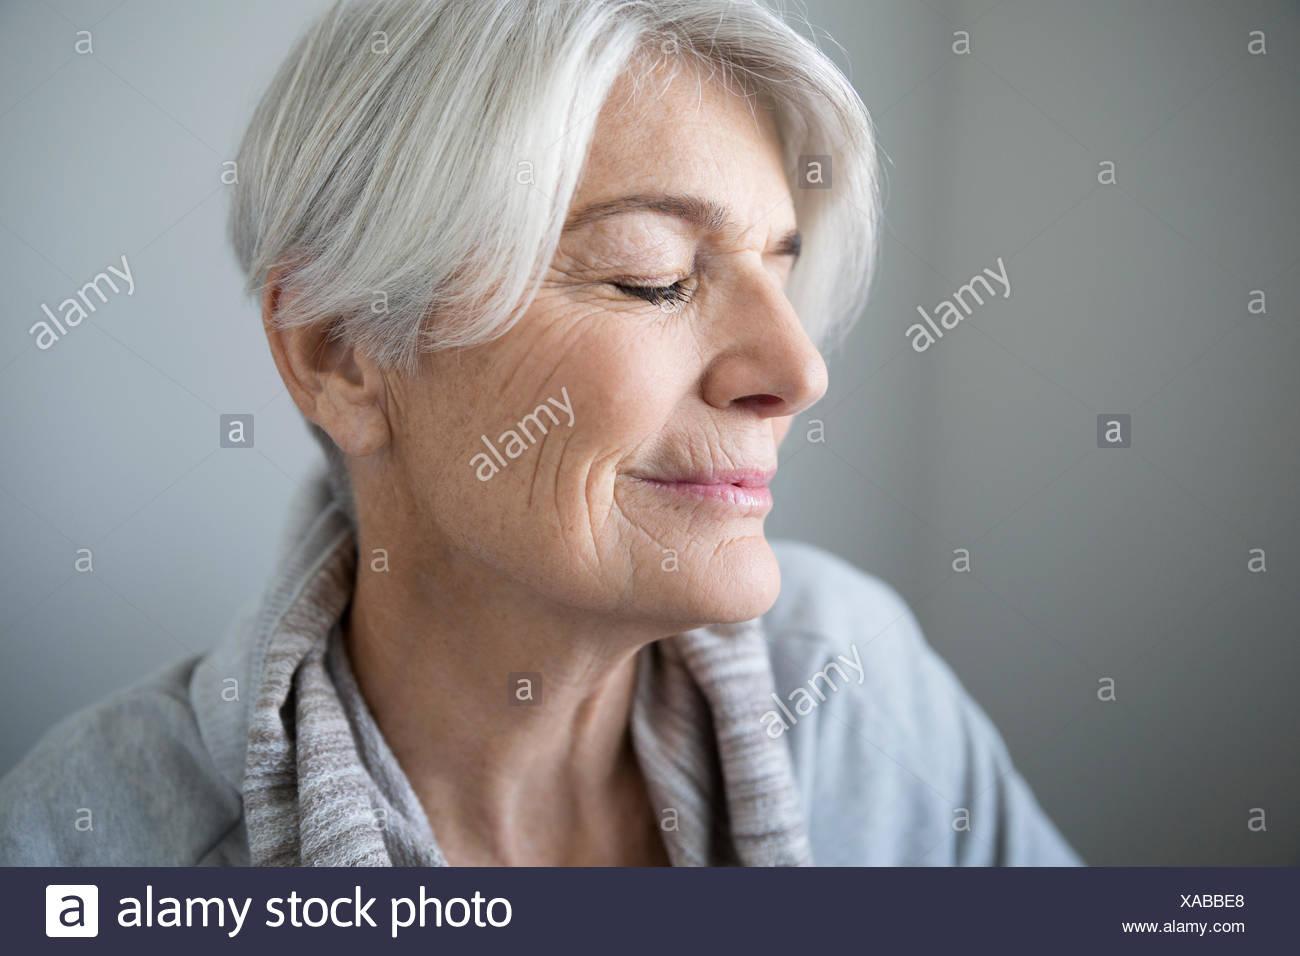 Heitere senior Porträt Frau mit geschlossenen Augen Stockbild